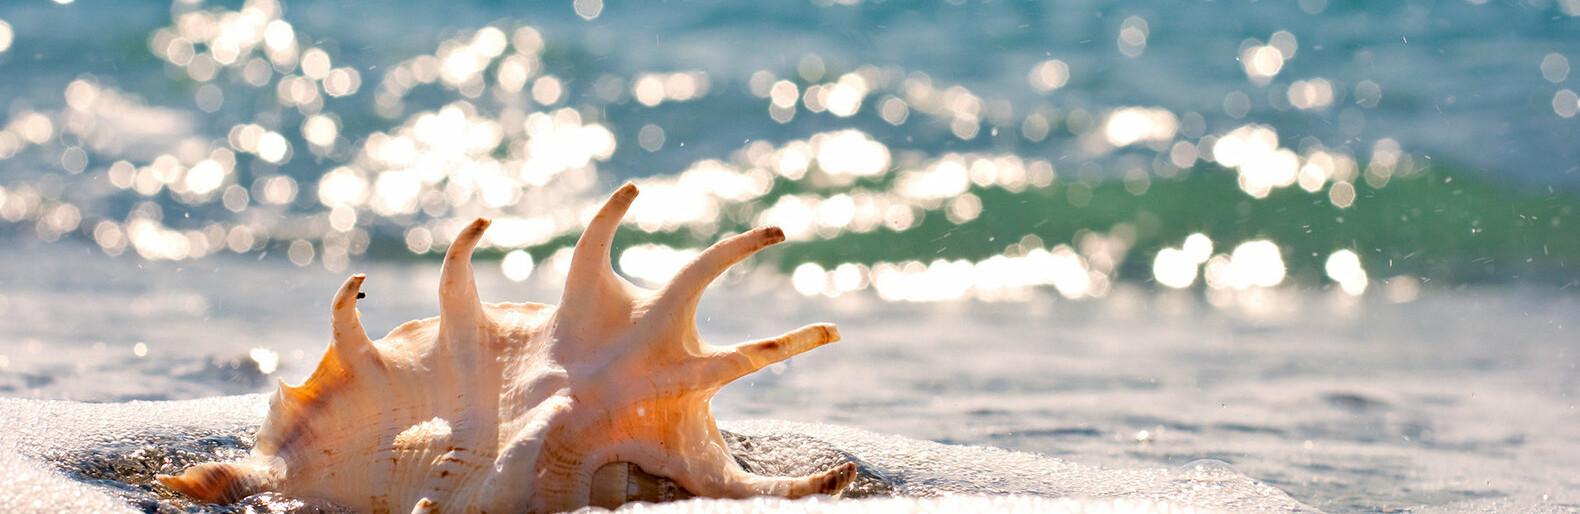 На Одессу движутся субтропики: погода и температура морской воды сегодня0